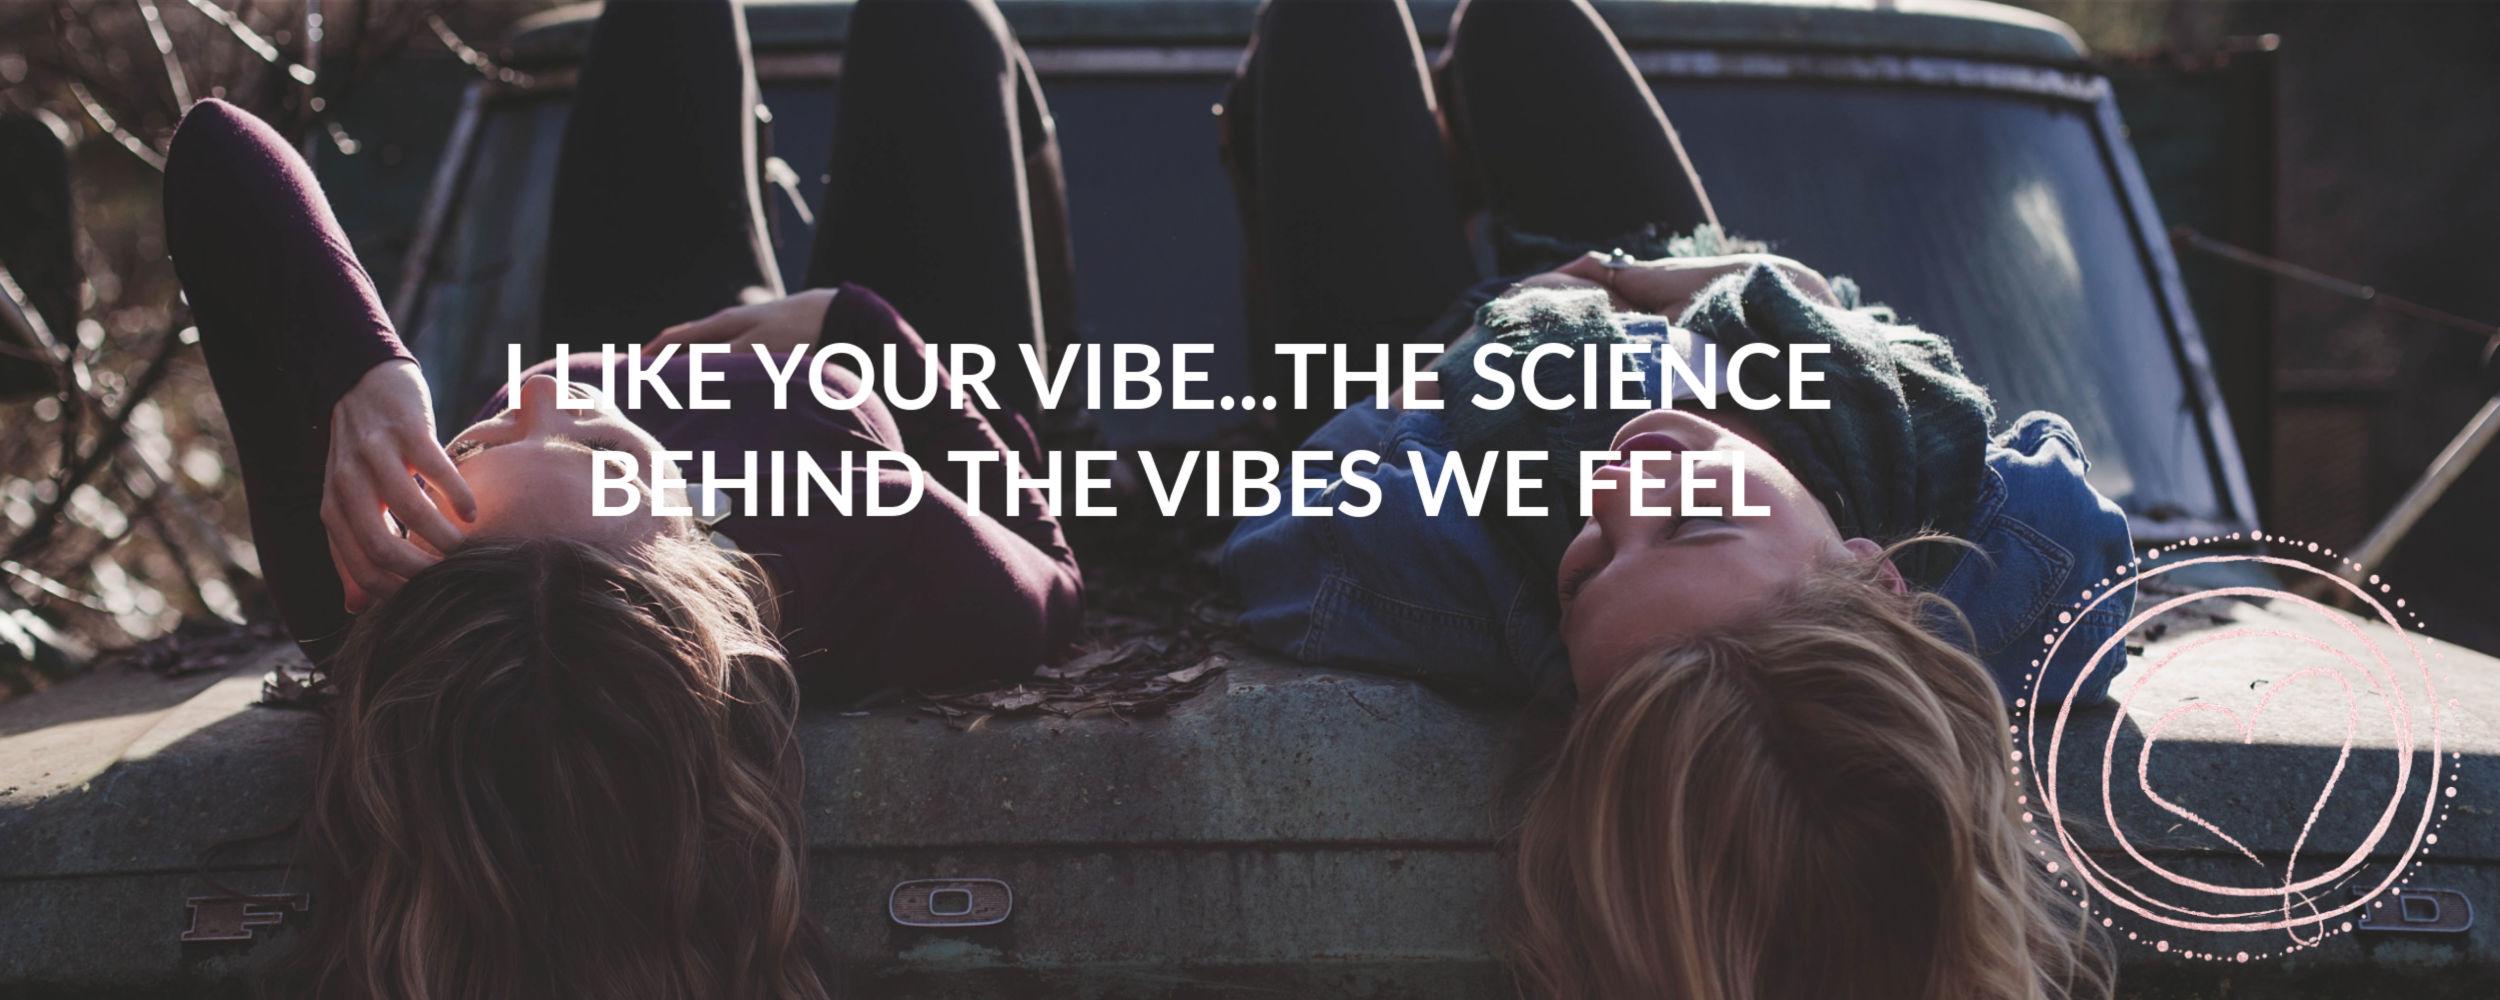 I like your vibe banner.jpg